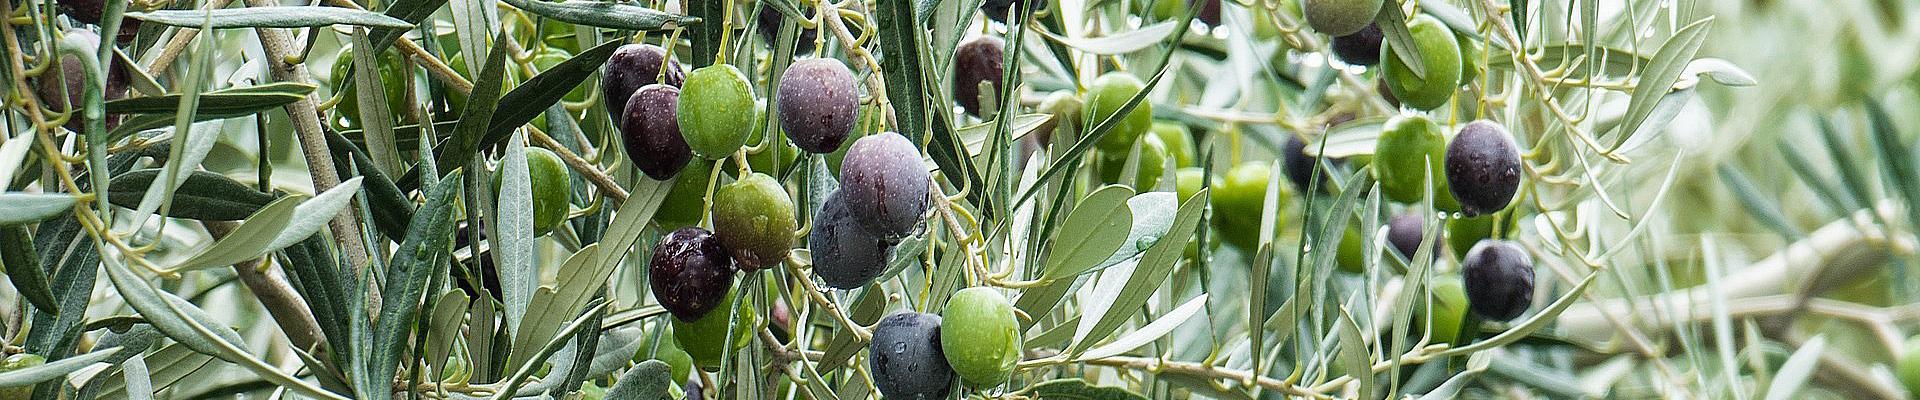 almasol-olivenöl-slider-1